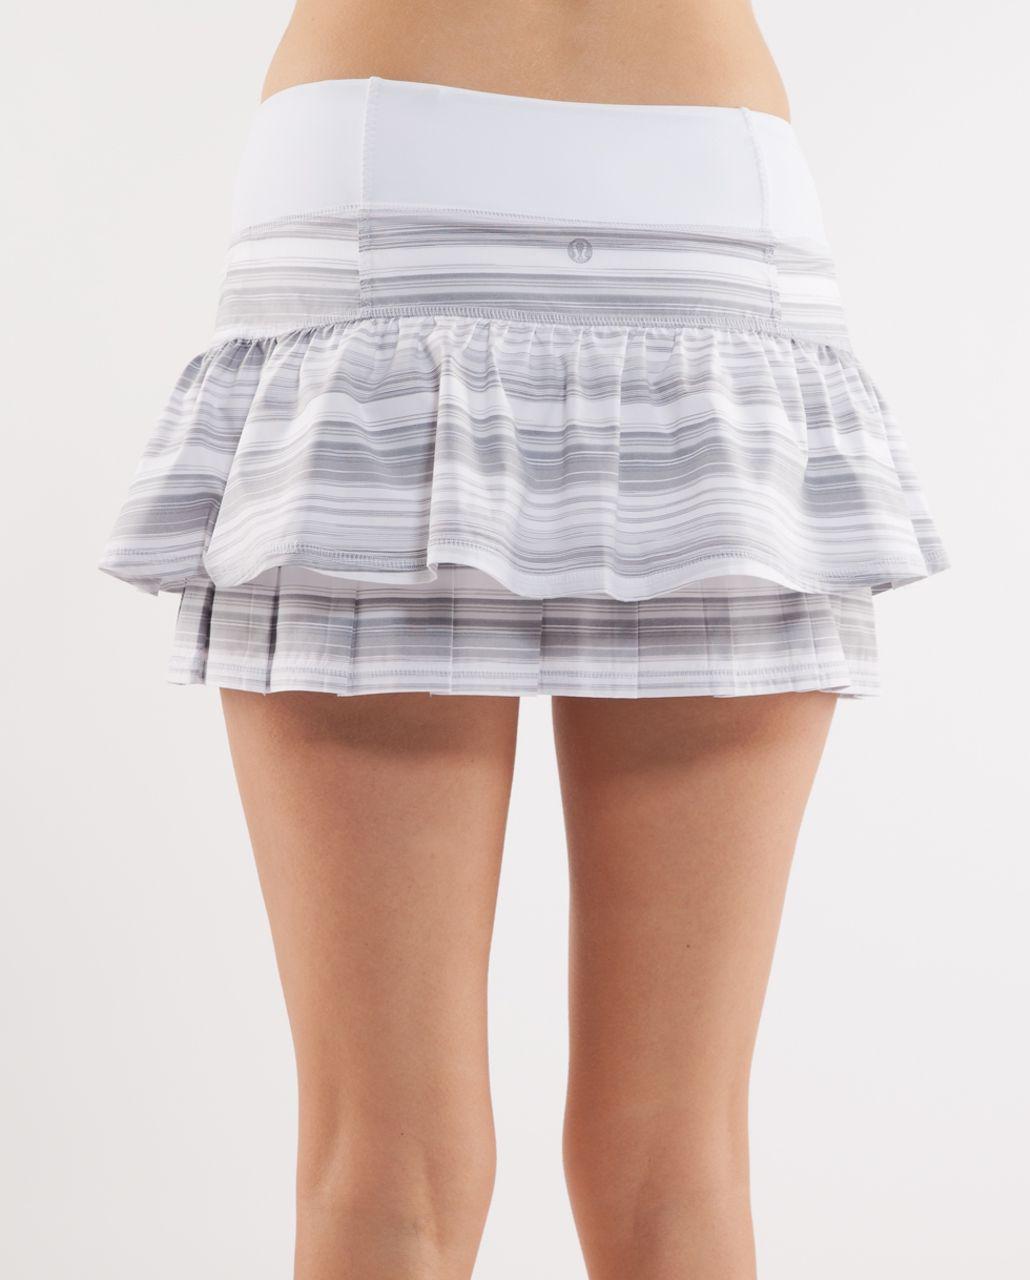 Lululemon Run:  Your Heart Out Skirt - White Elevation Stripe /  White